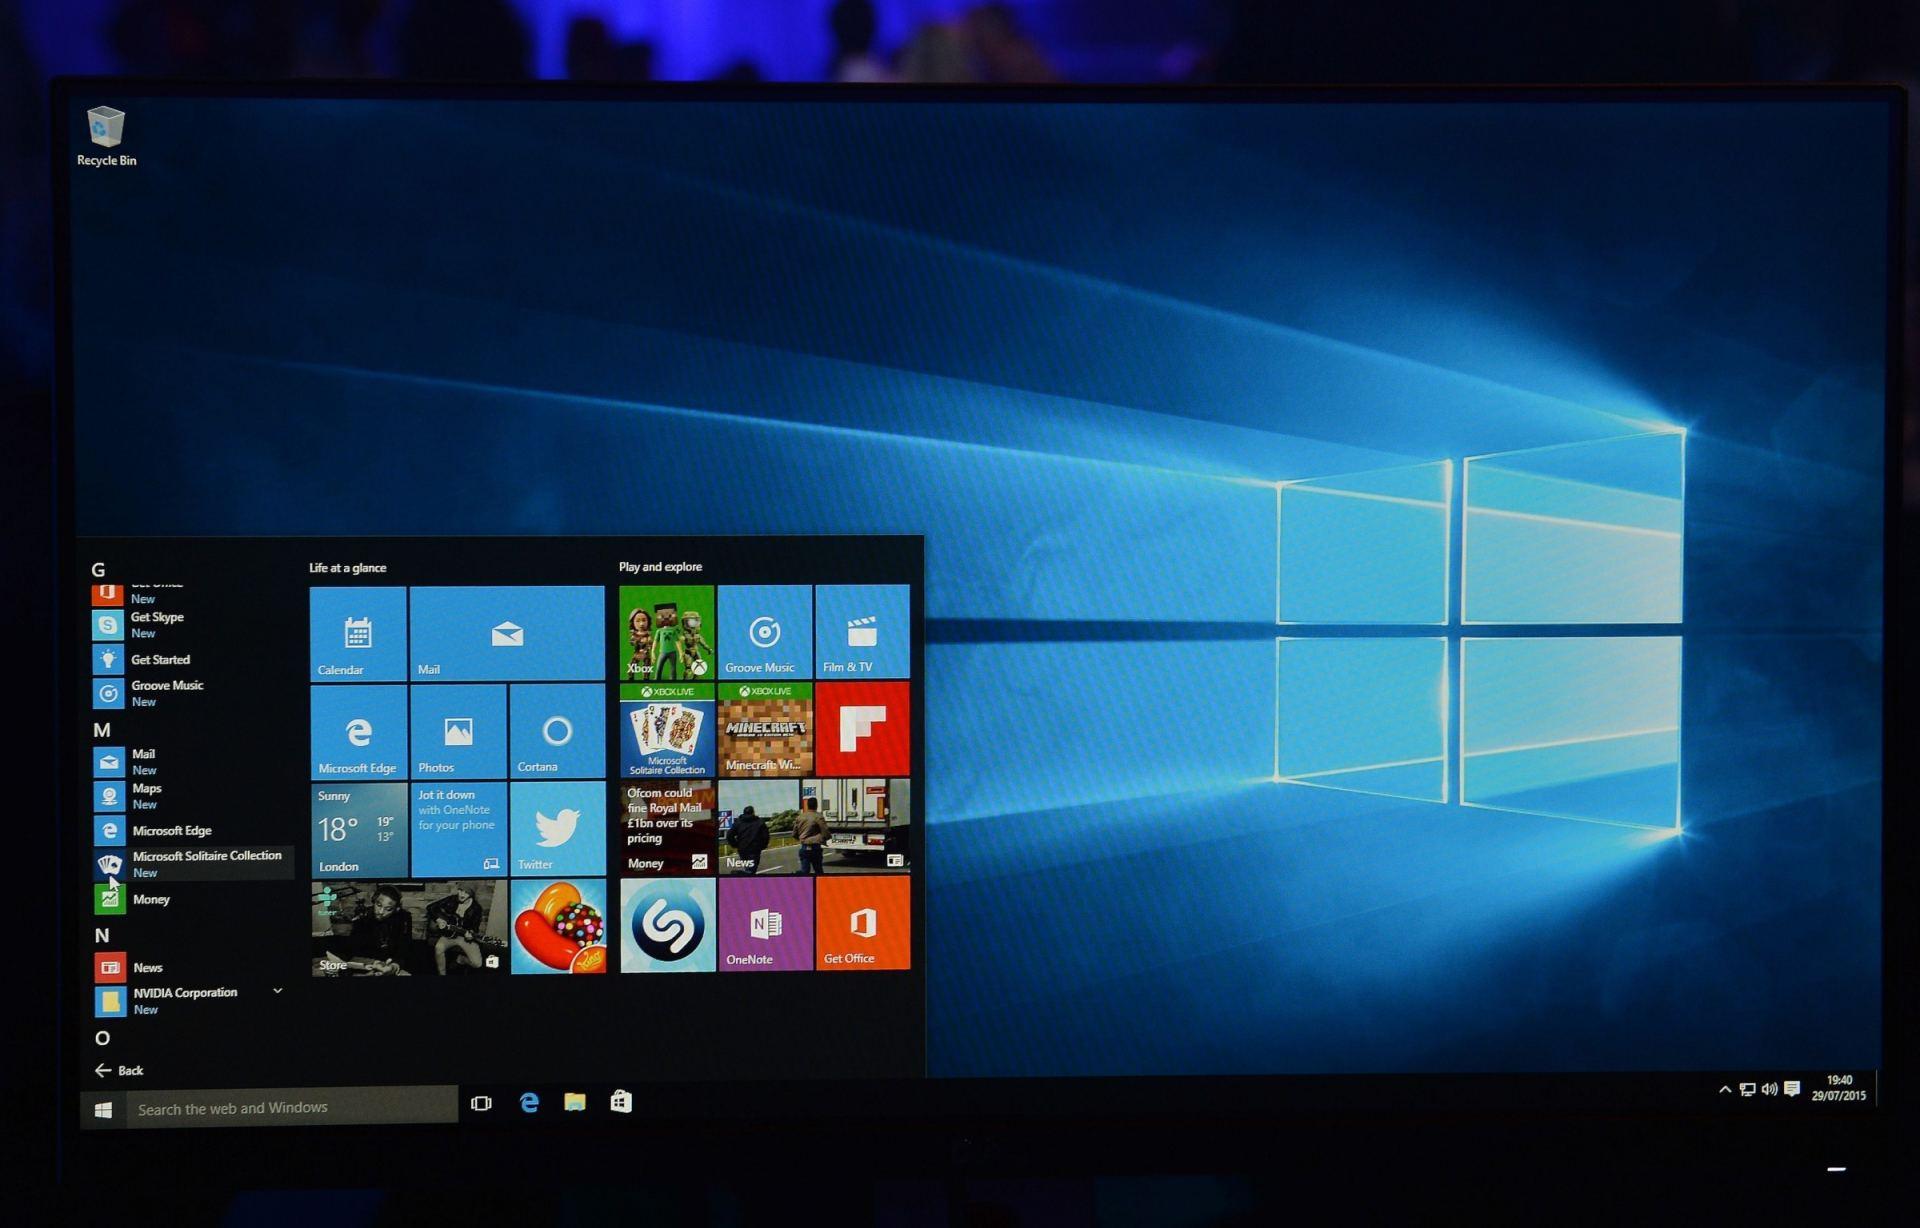 Paaikjo kaip ivengti Microsoft prievartos diegti Windows 10